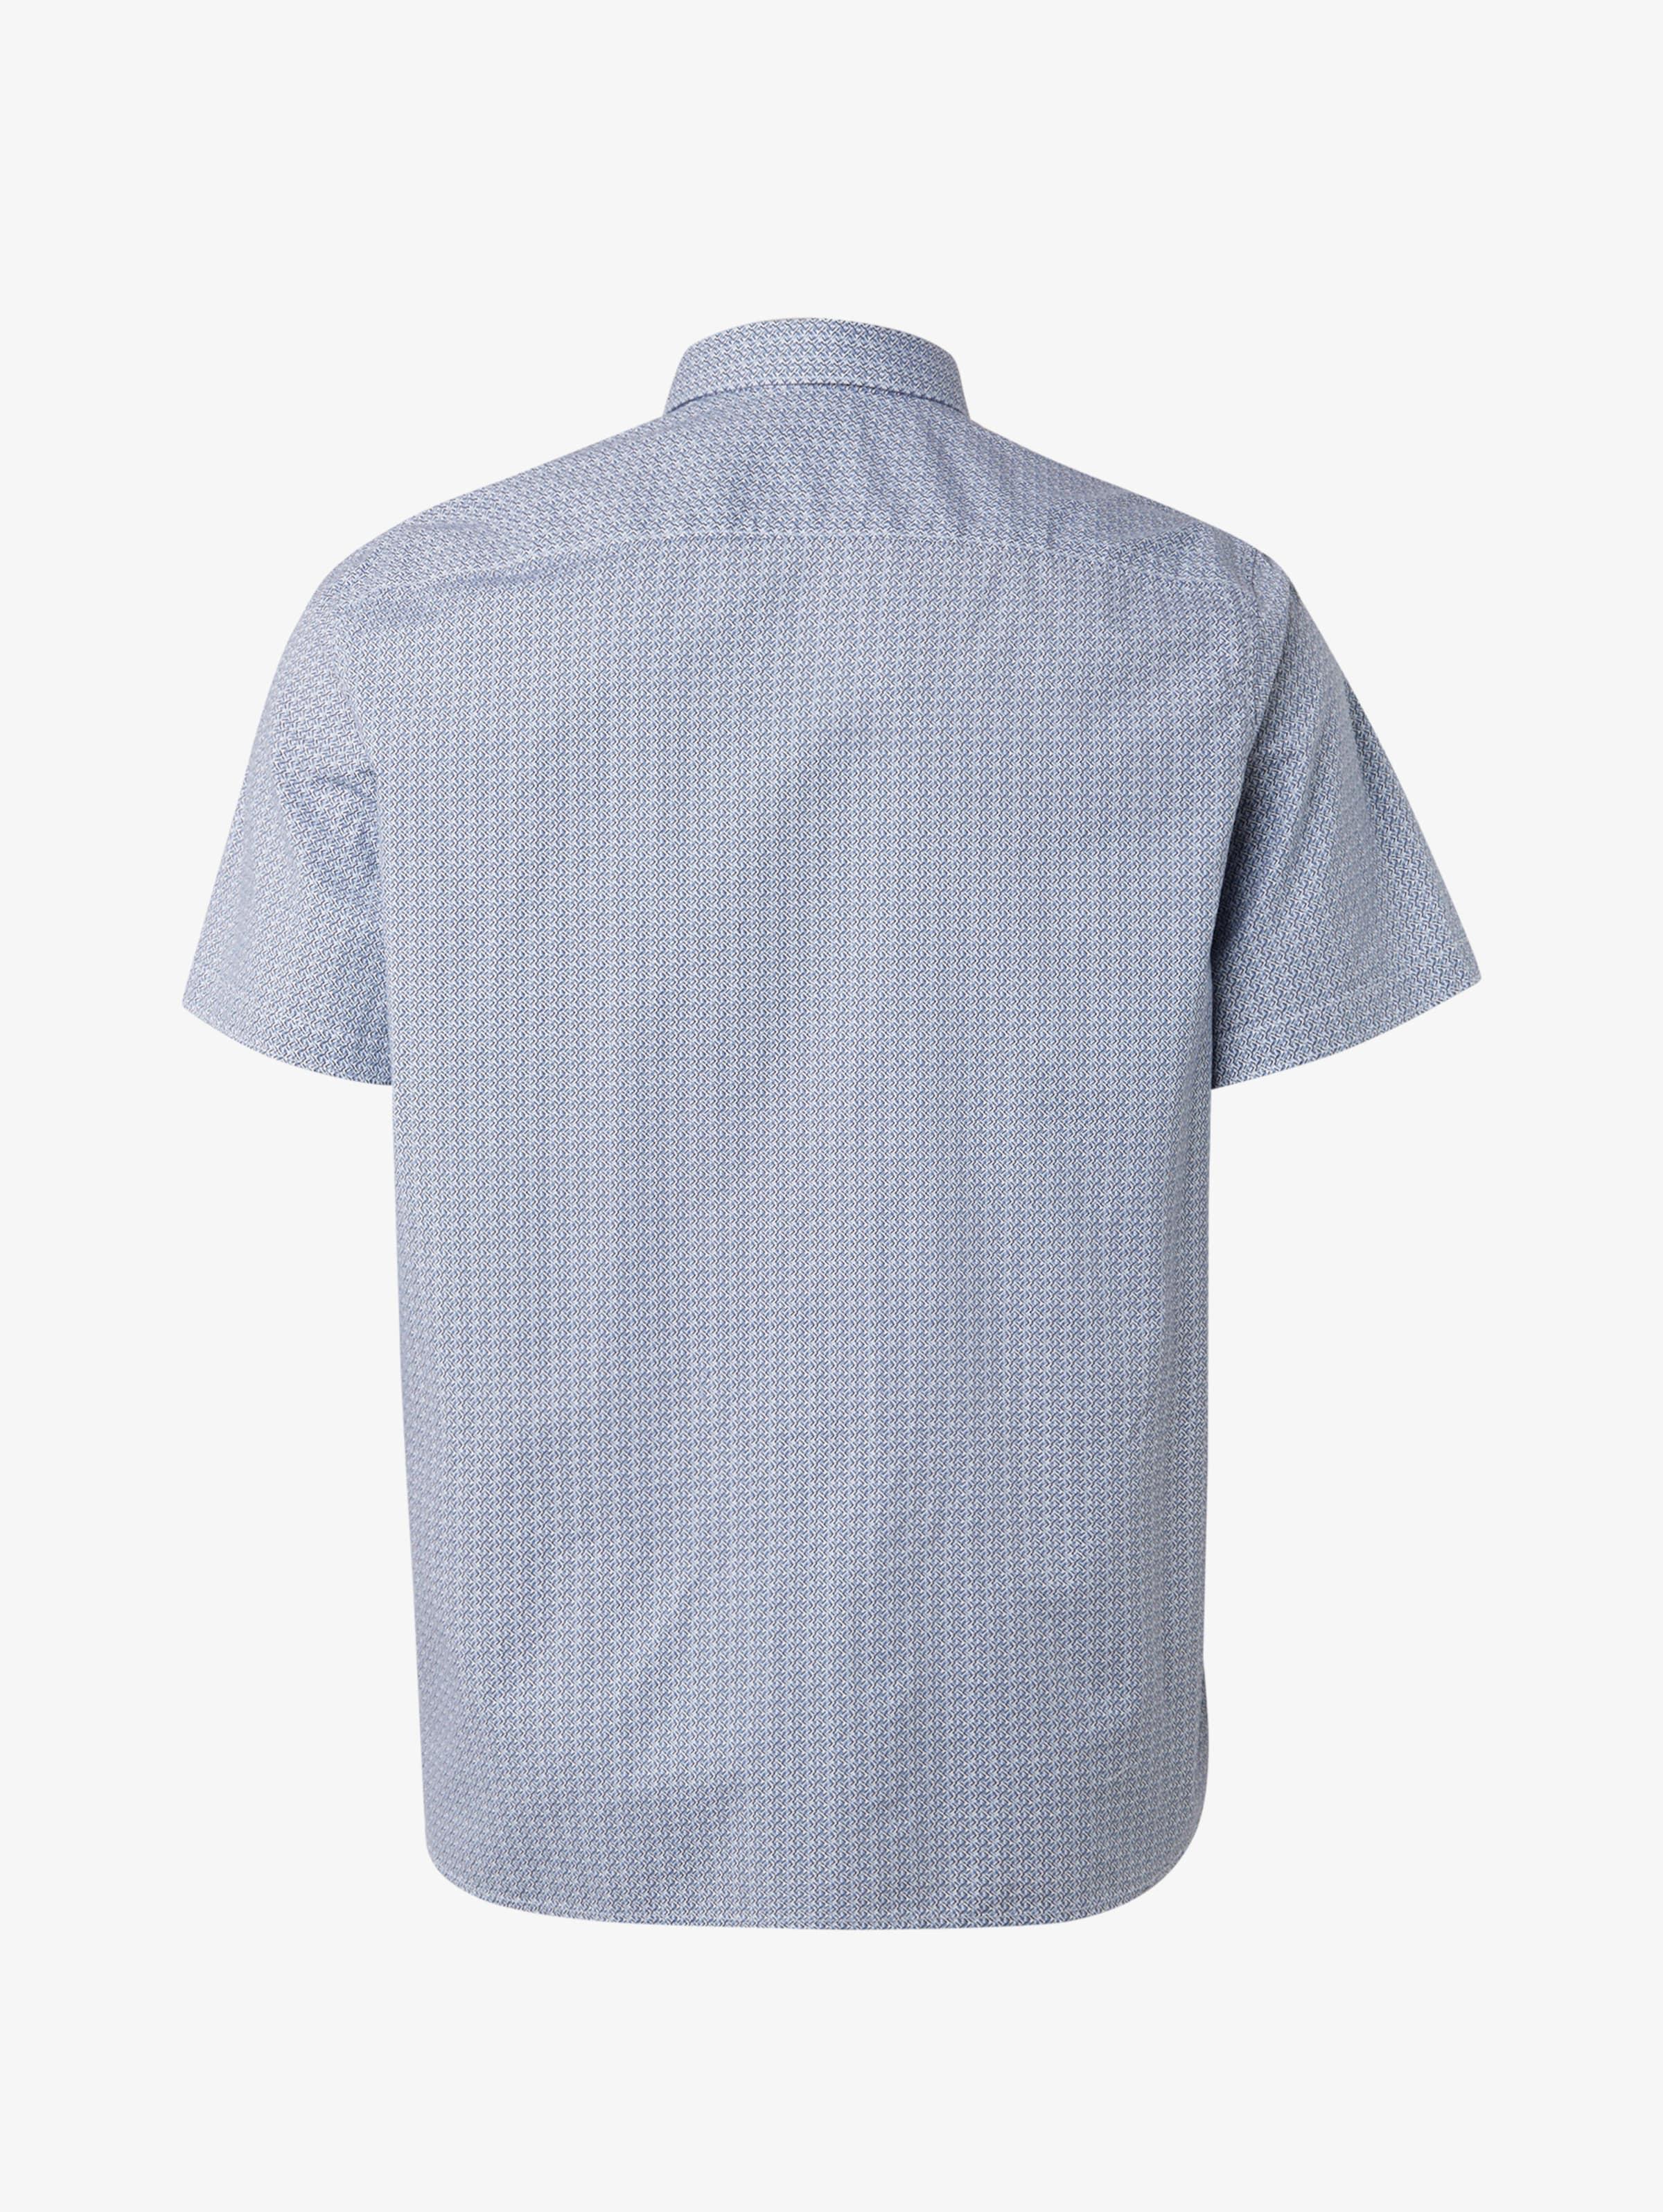 Tom Tom Hemd RauchblauMischfarben In Tailor In Hemd In Hemd RauchblauMischfarben Tailor Tom Tailor iOkXZuPT